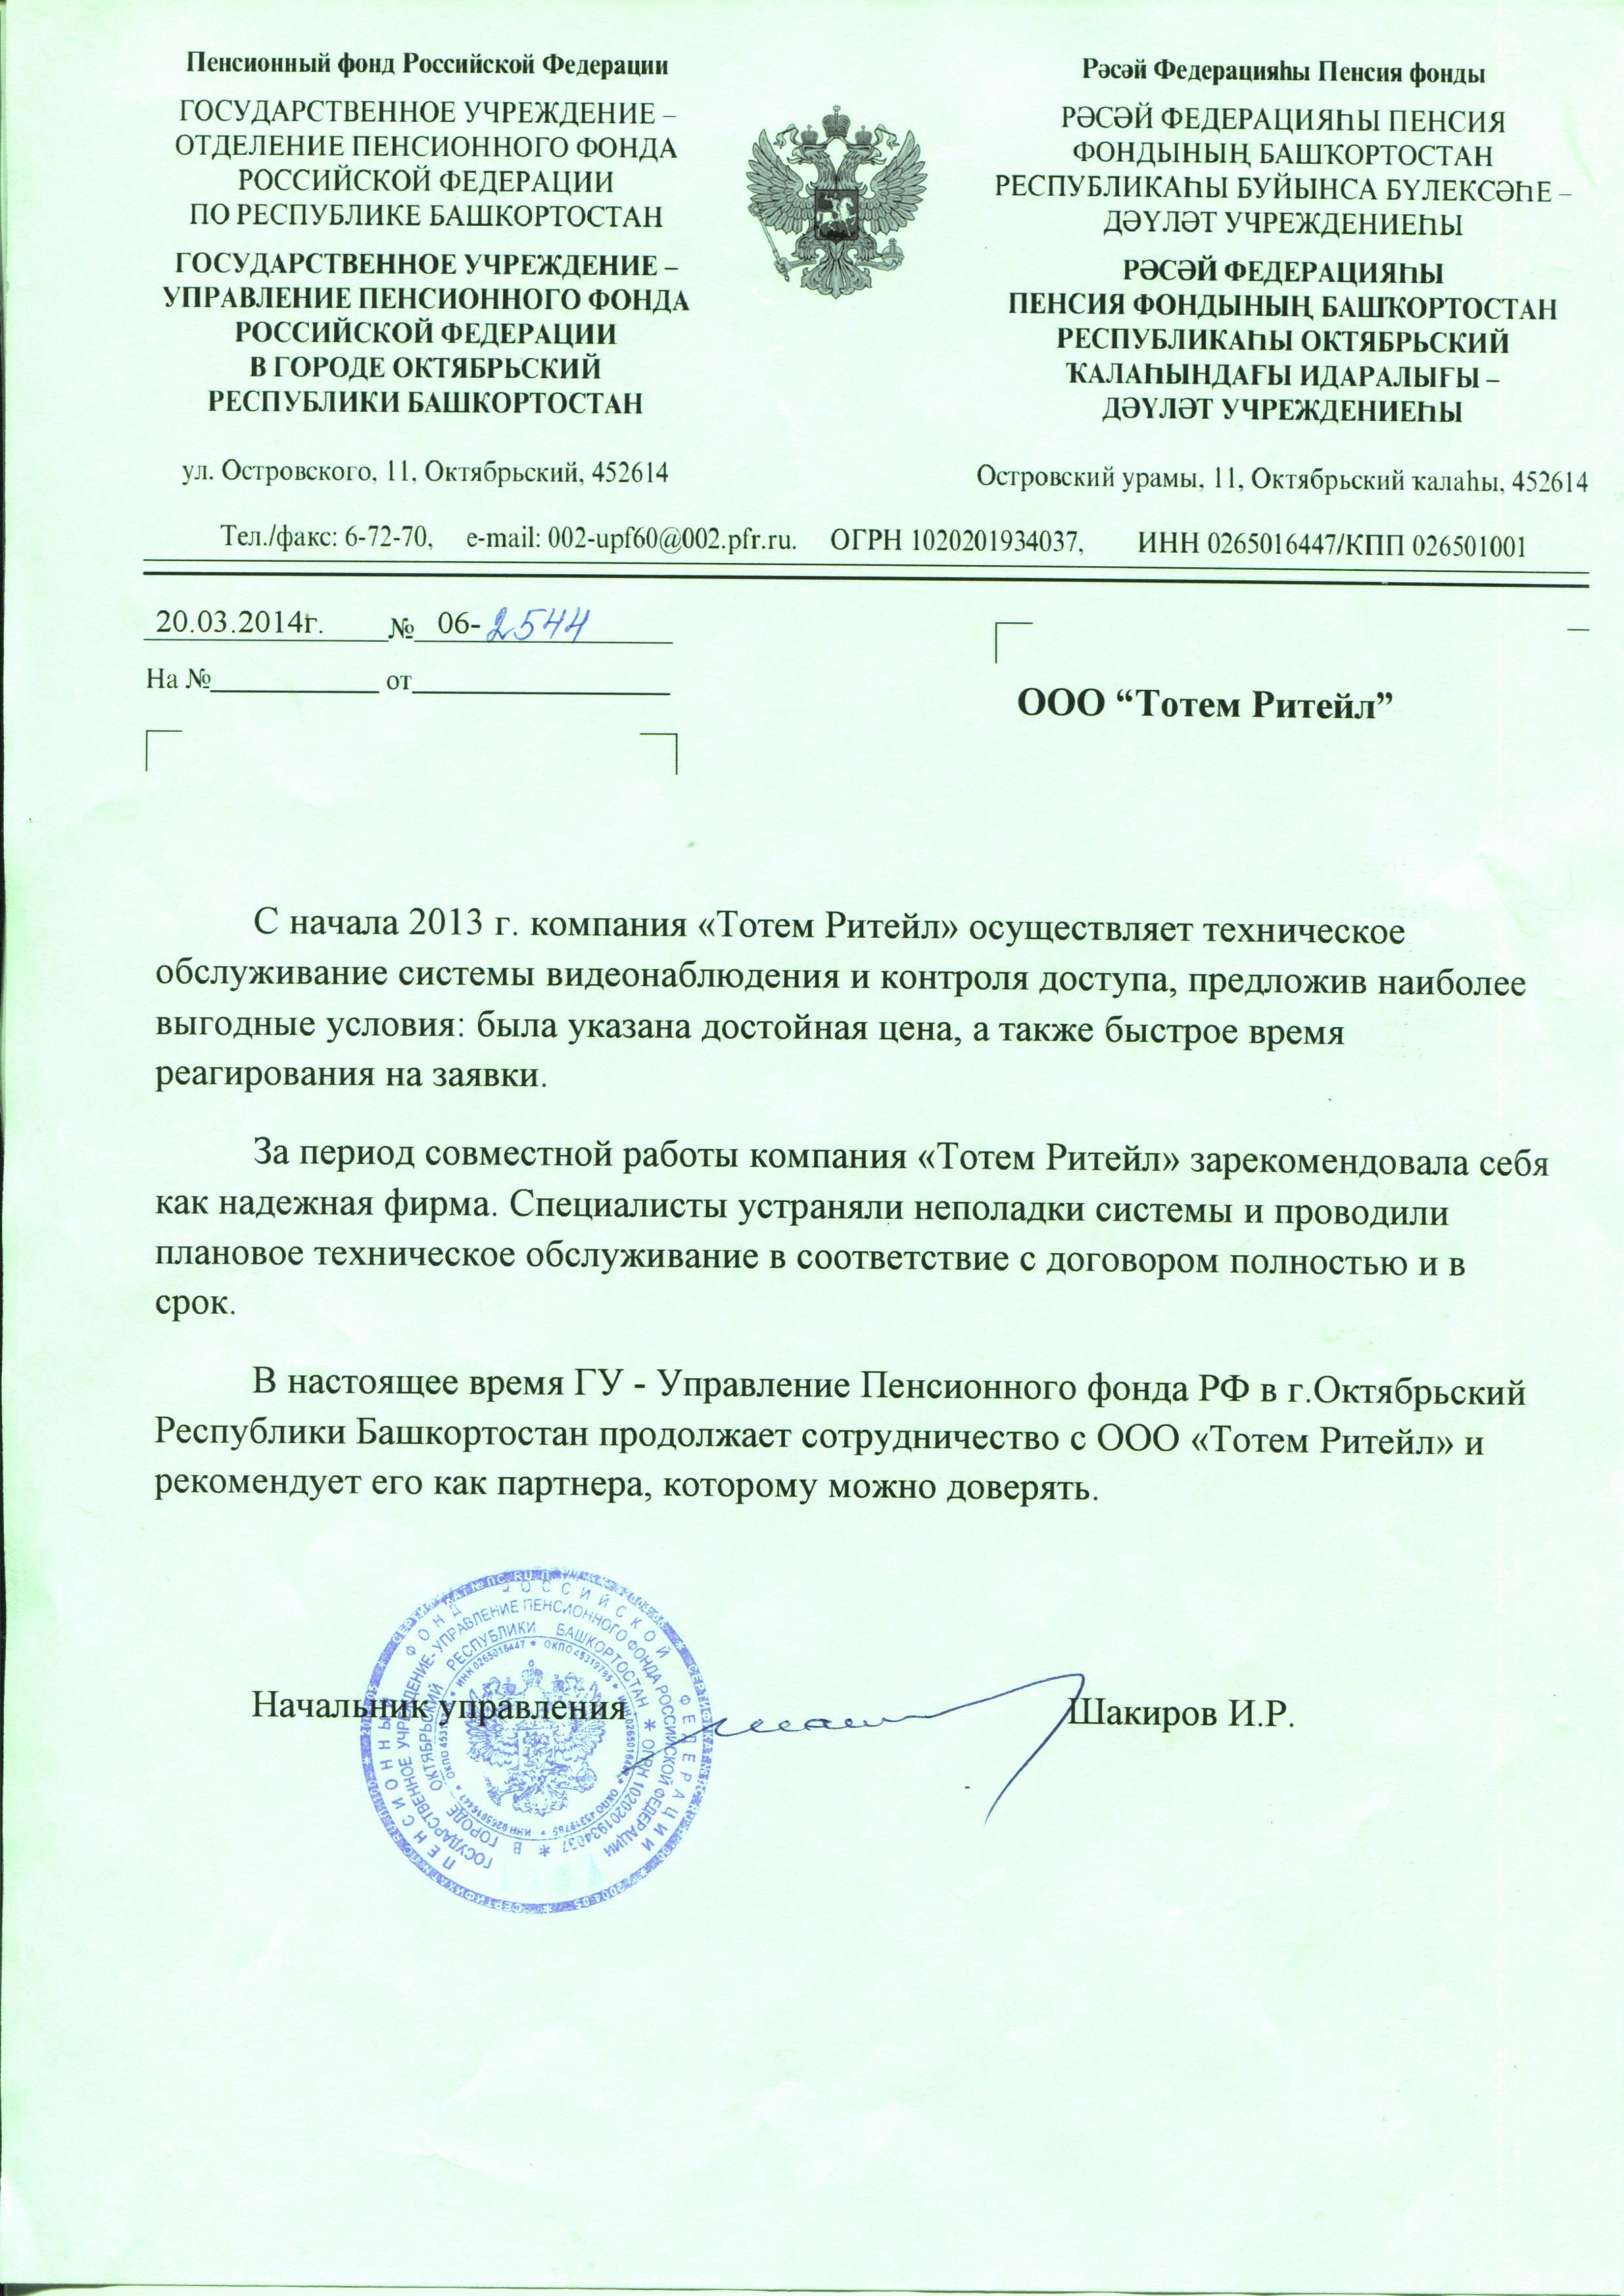 ПФР_Октябрьский__1_.jpg